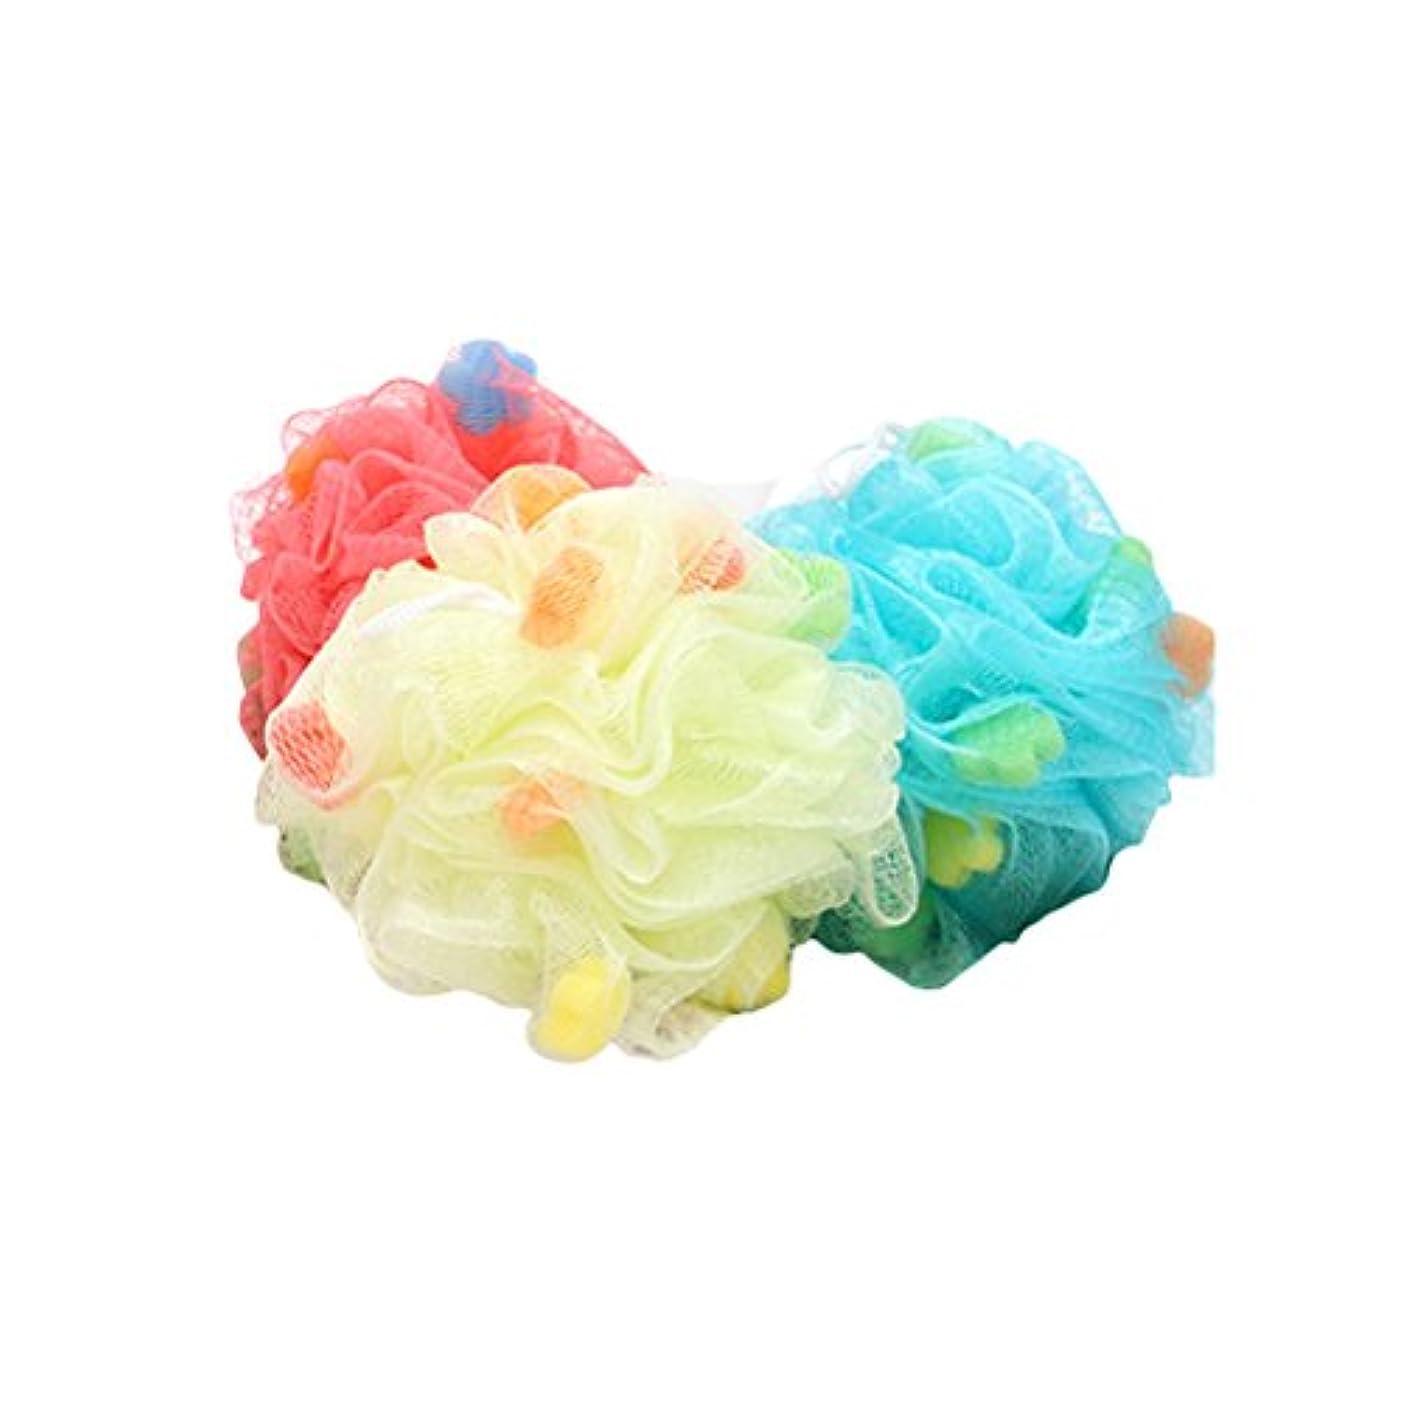 コットン見て希望に満ちたHealifty ボディースポンジ 泡立てネット フラワーボール シャワー用 バス用品 背中も洗える メッシュ ボディ洗い 泡肌美人(ランダム色)3個